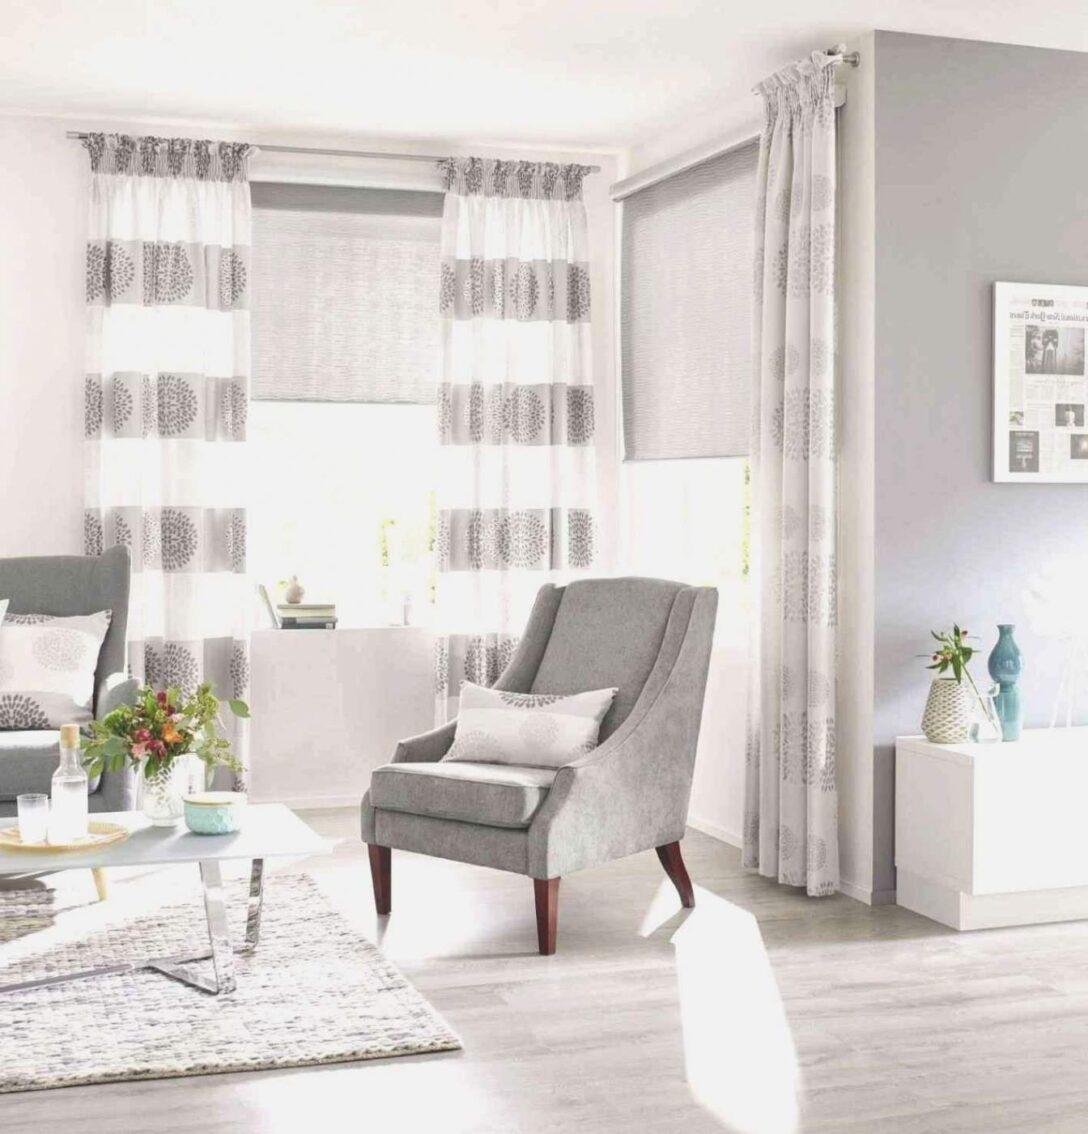 Large Size of Edle Gardinen Wohnzimmer 37 Luxus Moderne Inspirierend Frisch Teppich Für Schlafzimmer Hängeleuchte Stehlampe Decken Relaxliege Hängeschrank Weiß Hochglanz Wohnzimmer Edle Gardinen Wohnzimmer